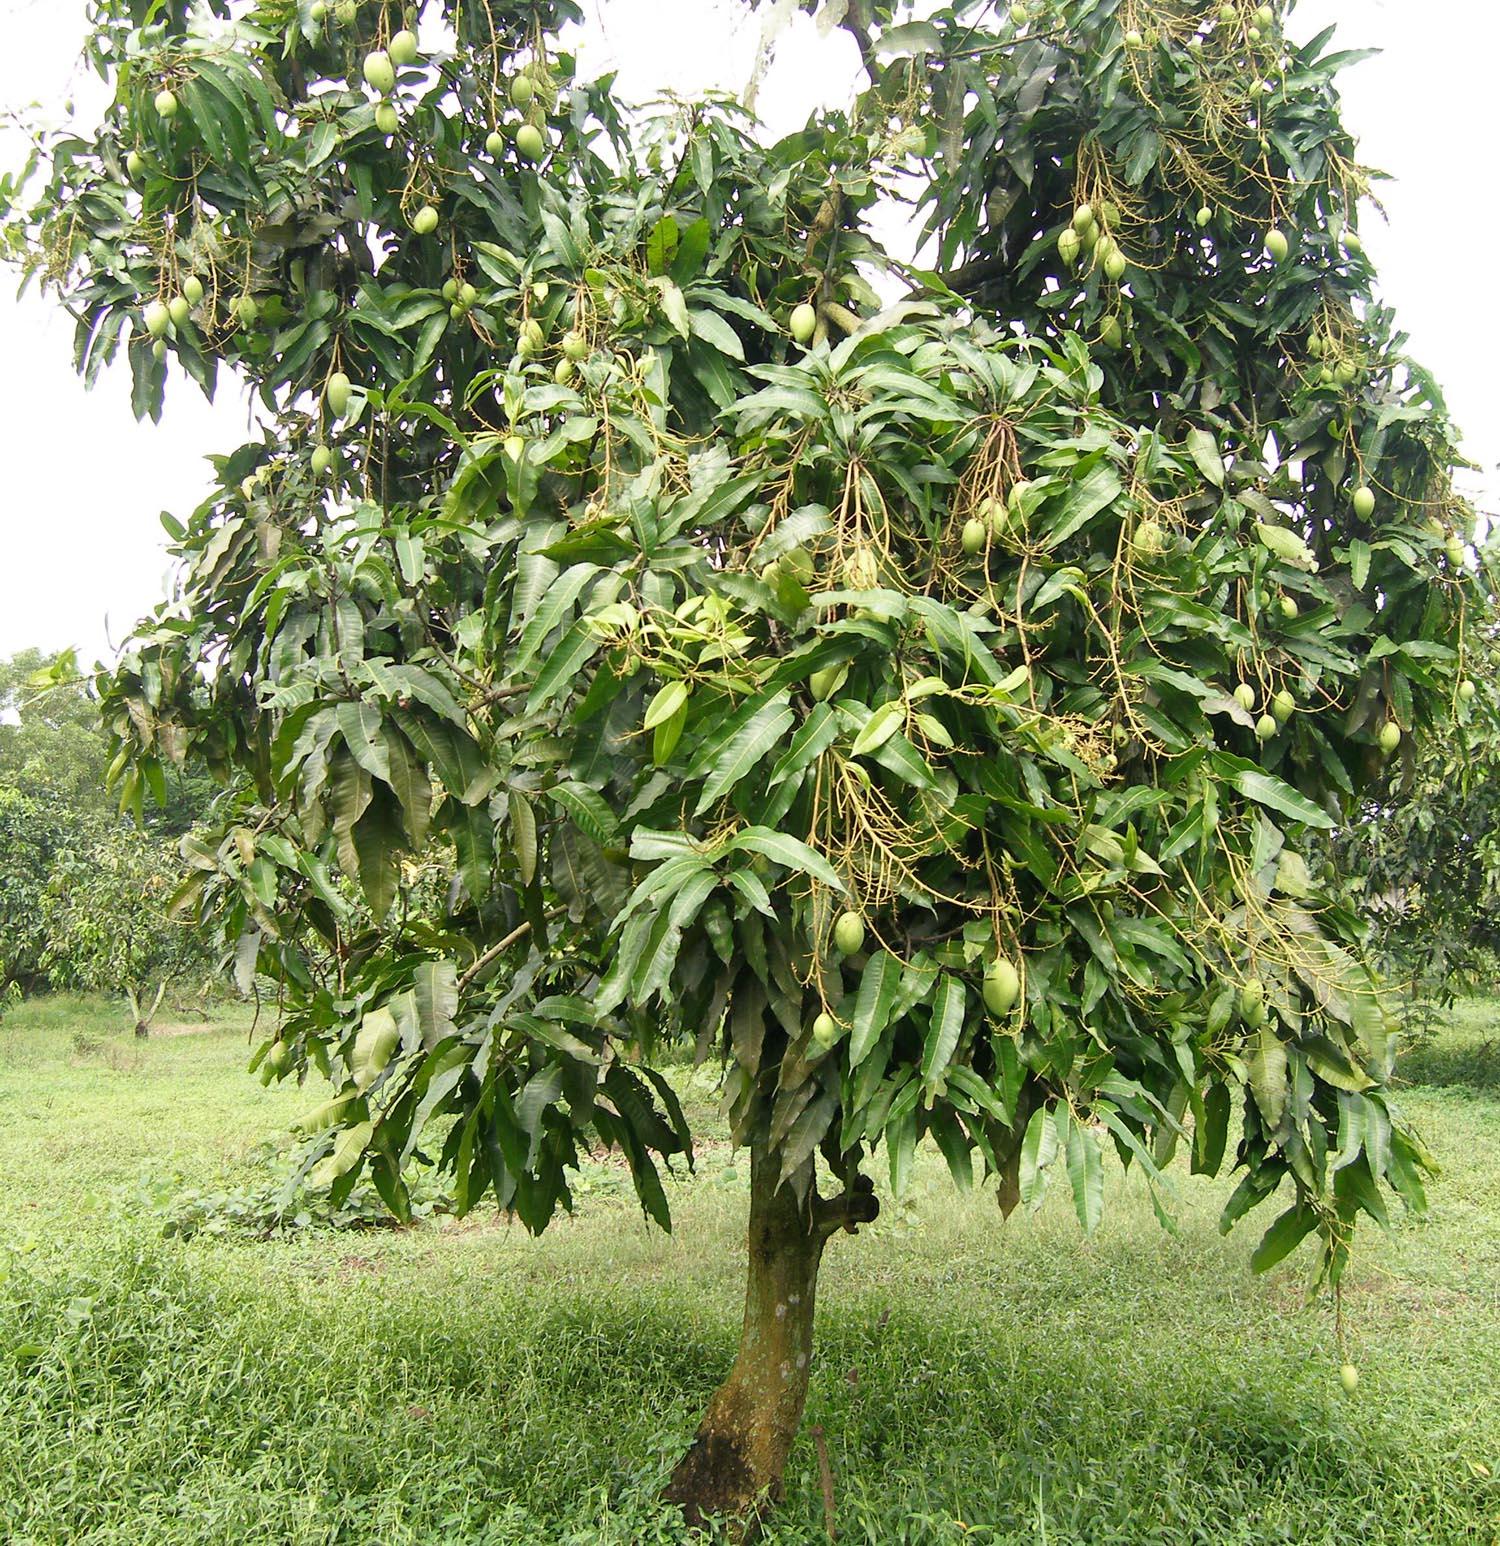 cayxoai Phát triển giống cây cần sa mới ít gây nghiện